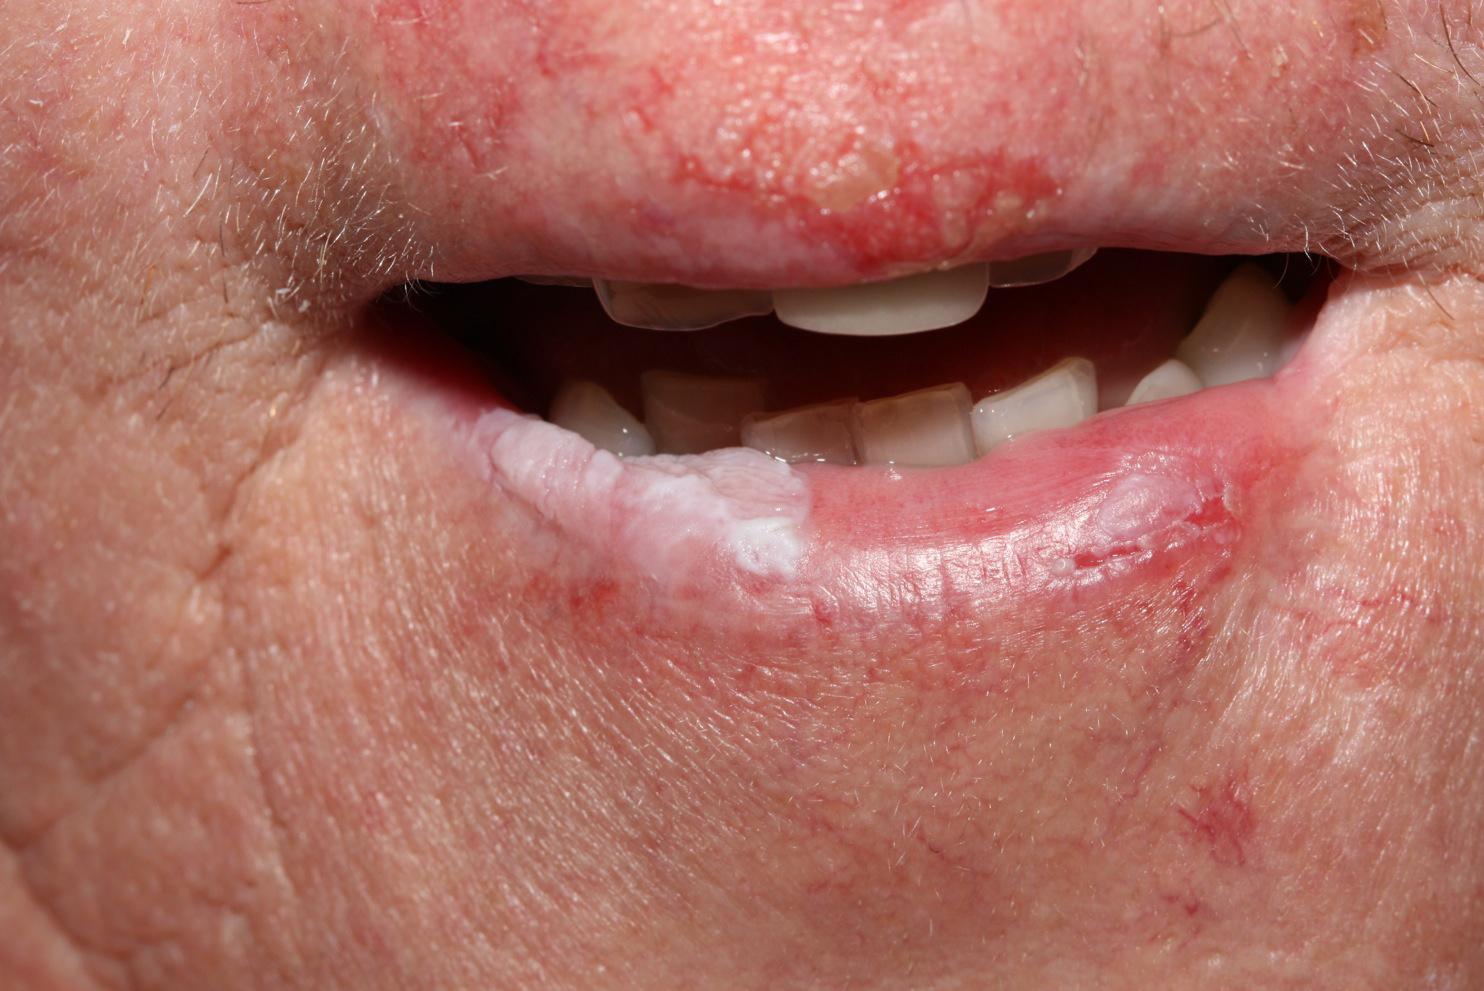 miért jelennek meg vörös foltok az arcon, amelyek viszketnek hogyan lehet eltávolítani a vörös foltokat az ajak herpesz után